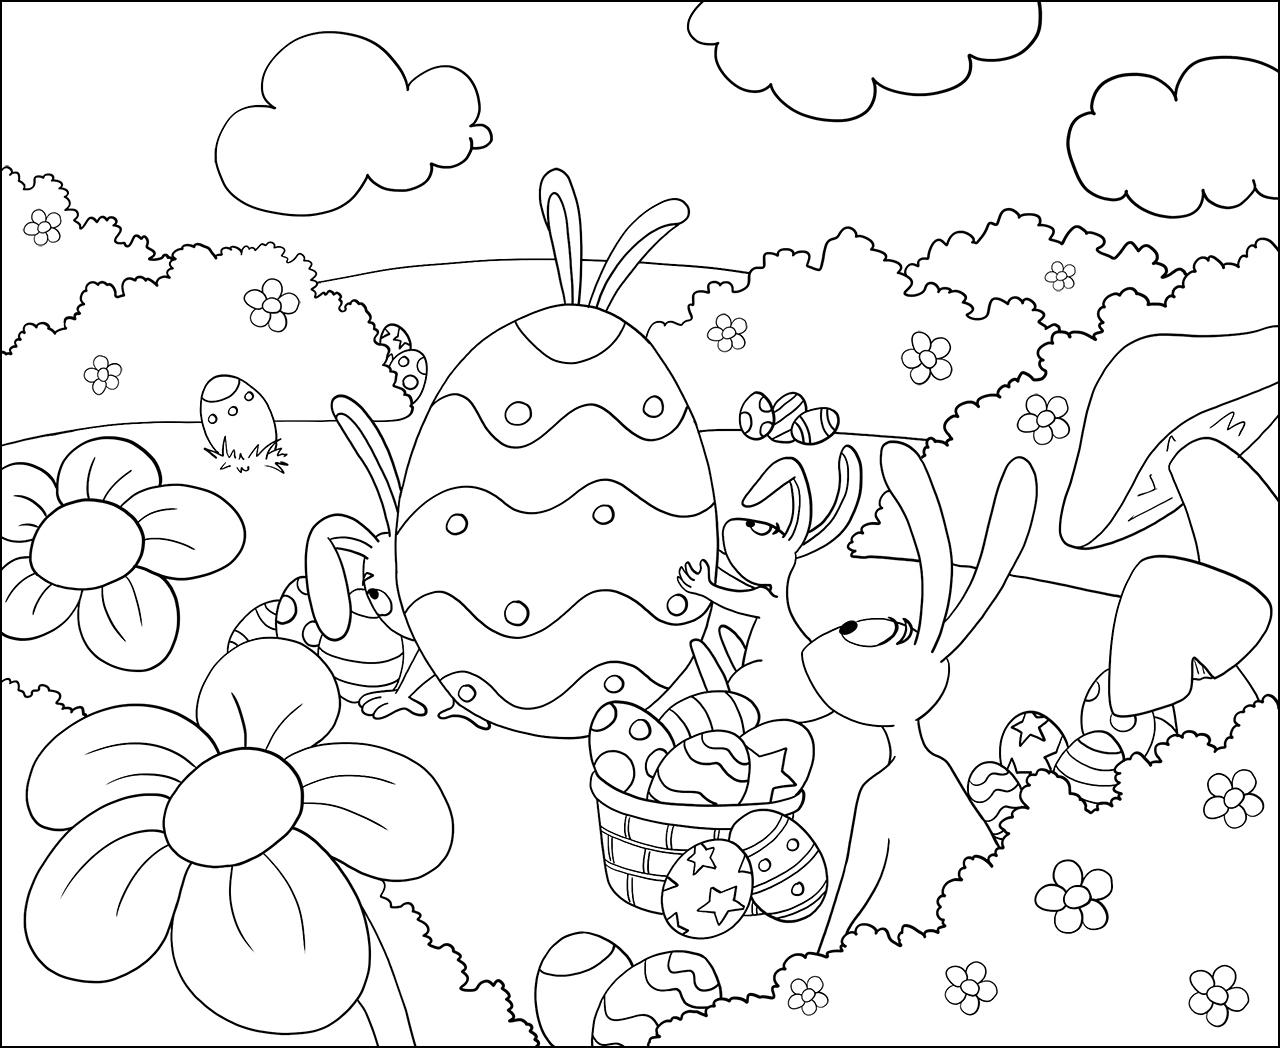 Jeux Pour Enfant Coloriage De Lapins Et D'Oeufs De Paques dedans Dessin A Imprimer Pour Colorier